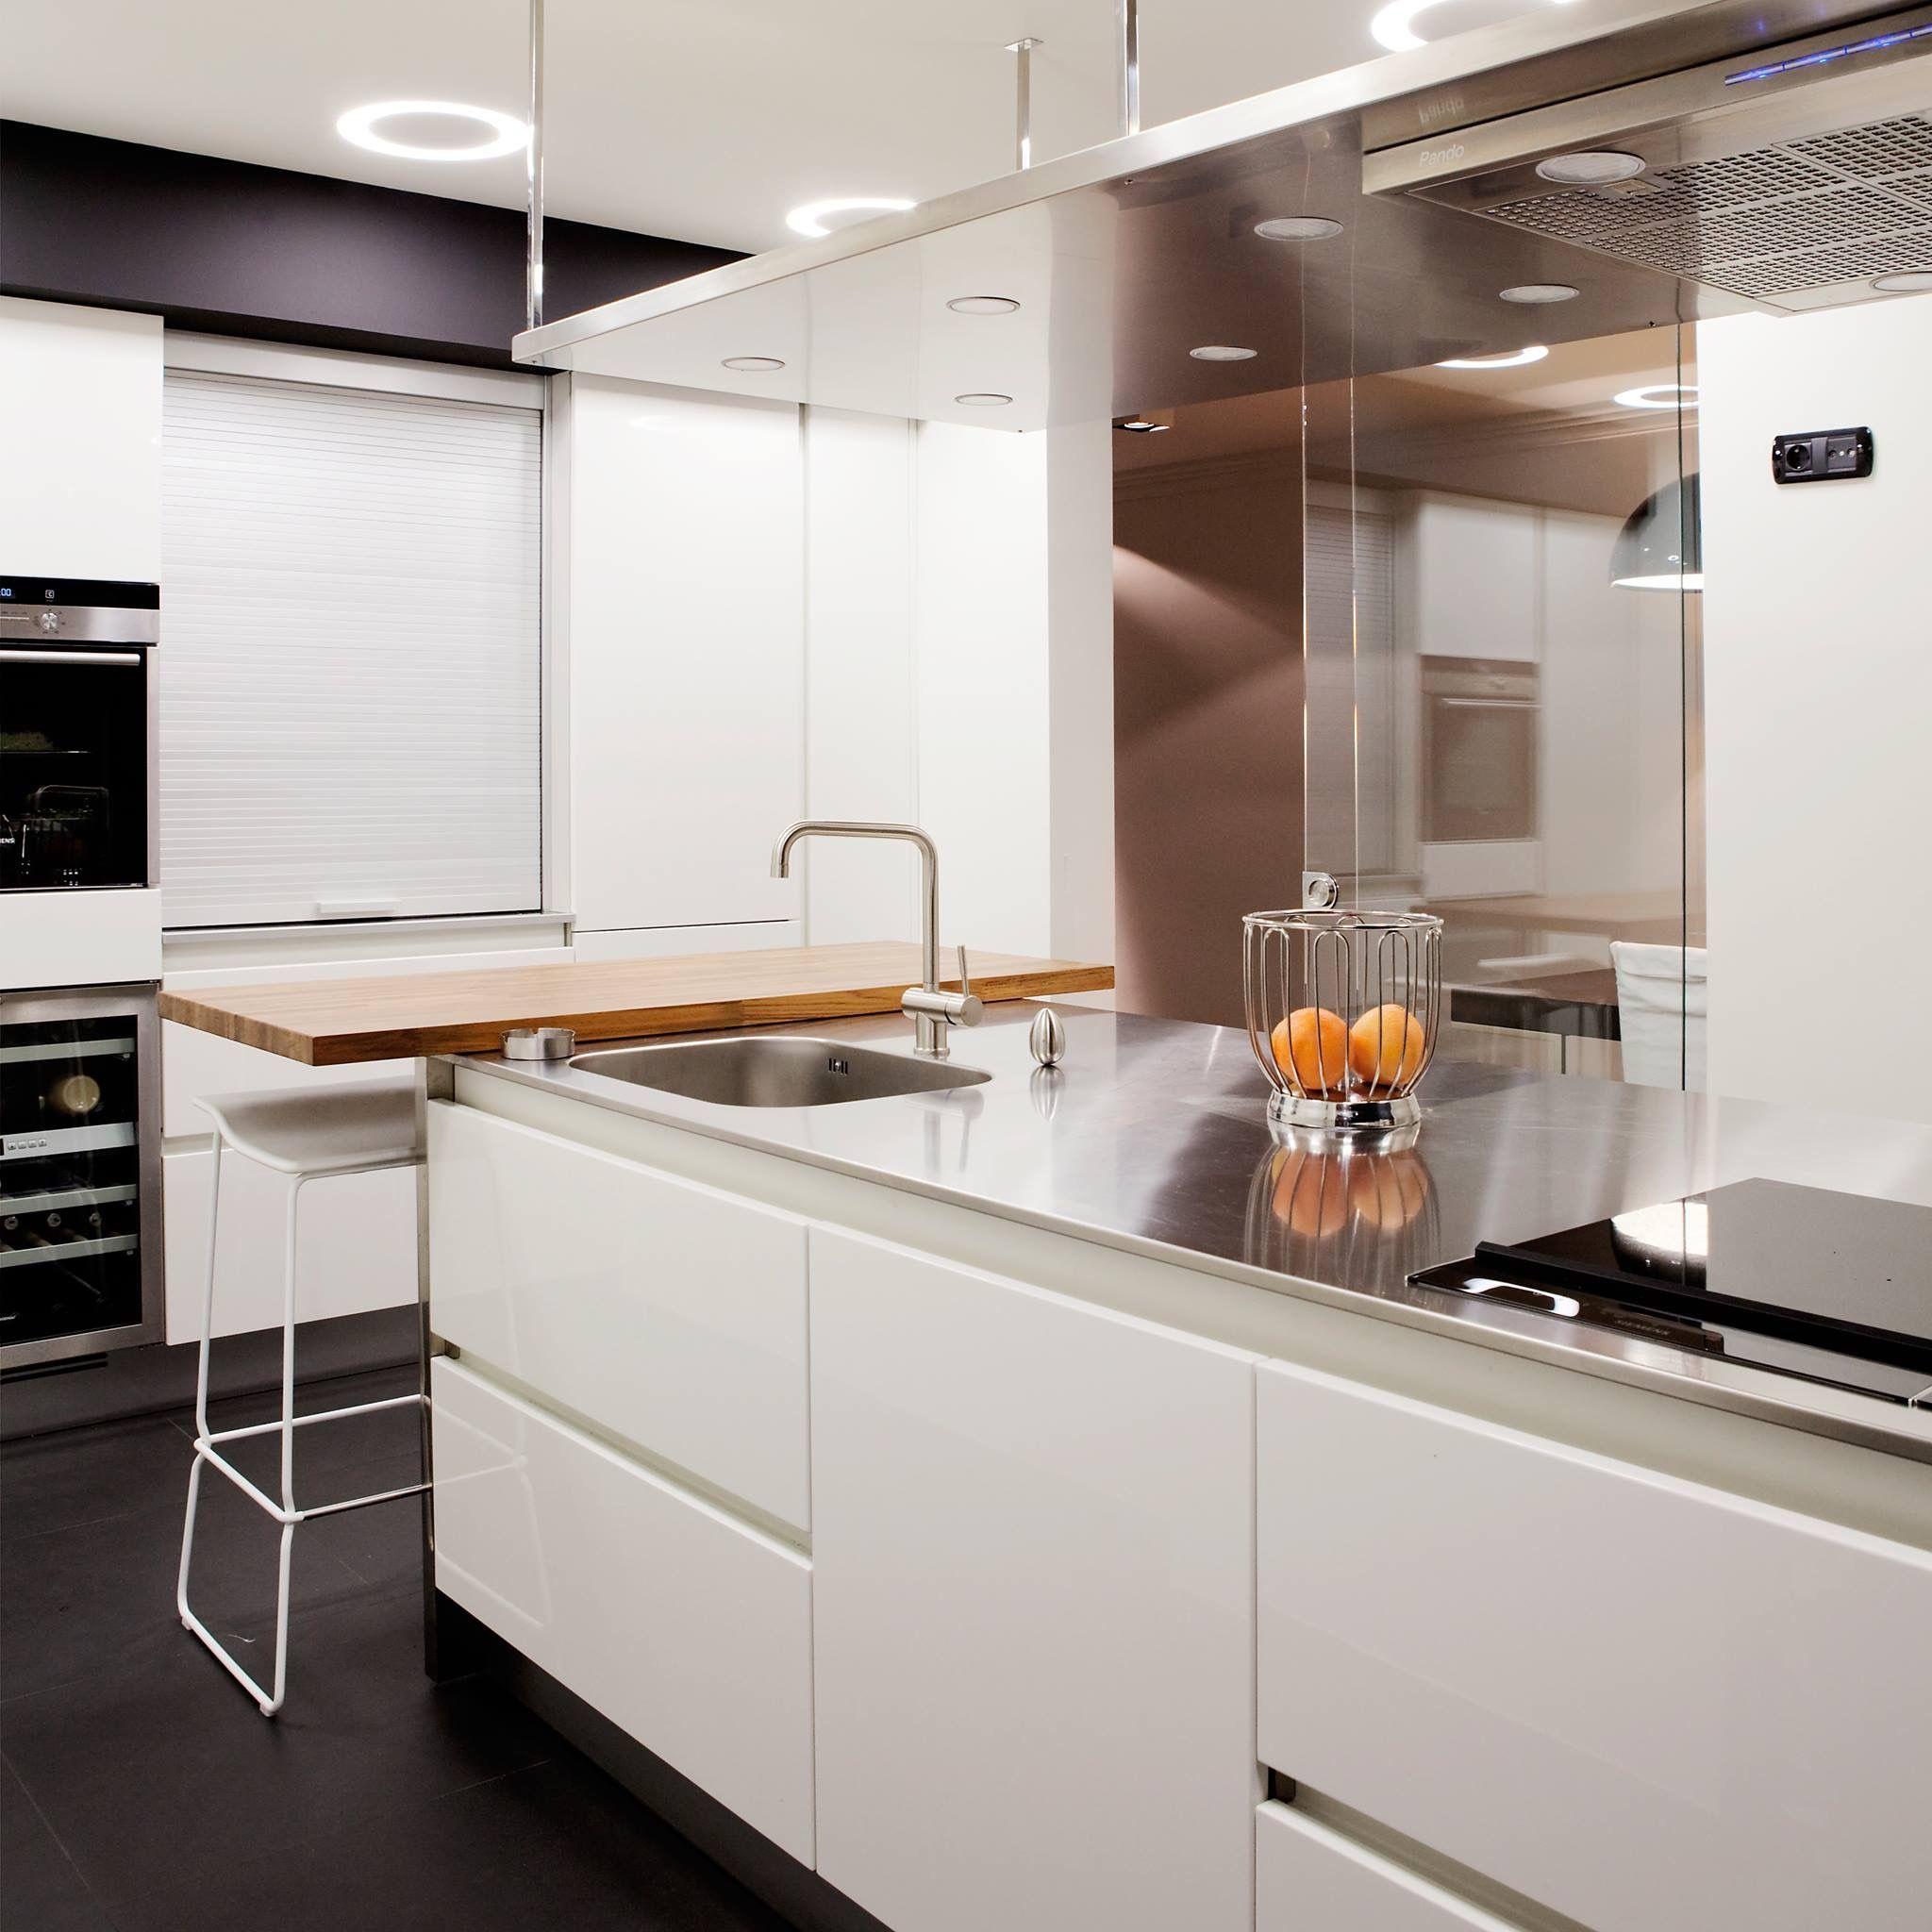 Cocina blanca con encimera de acero inoxidable y madera. Proyecto y ...